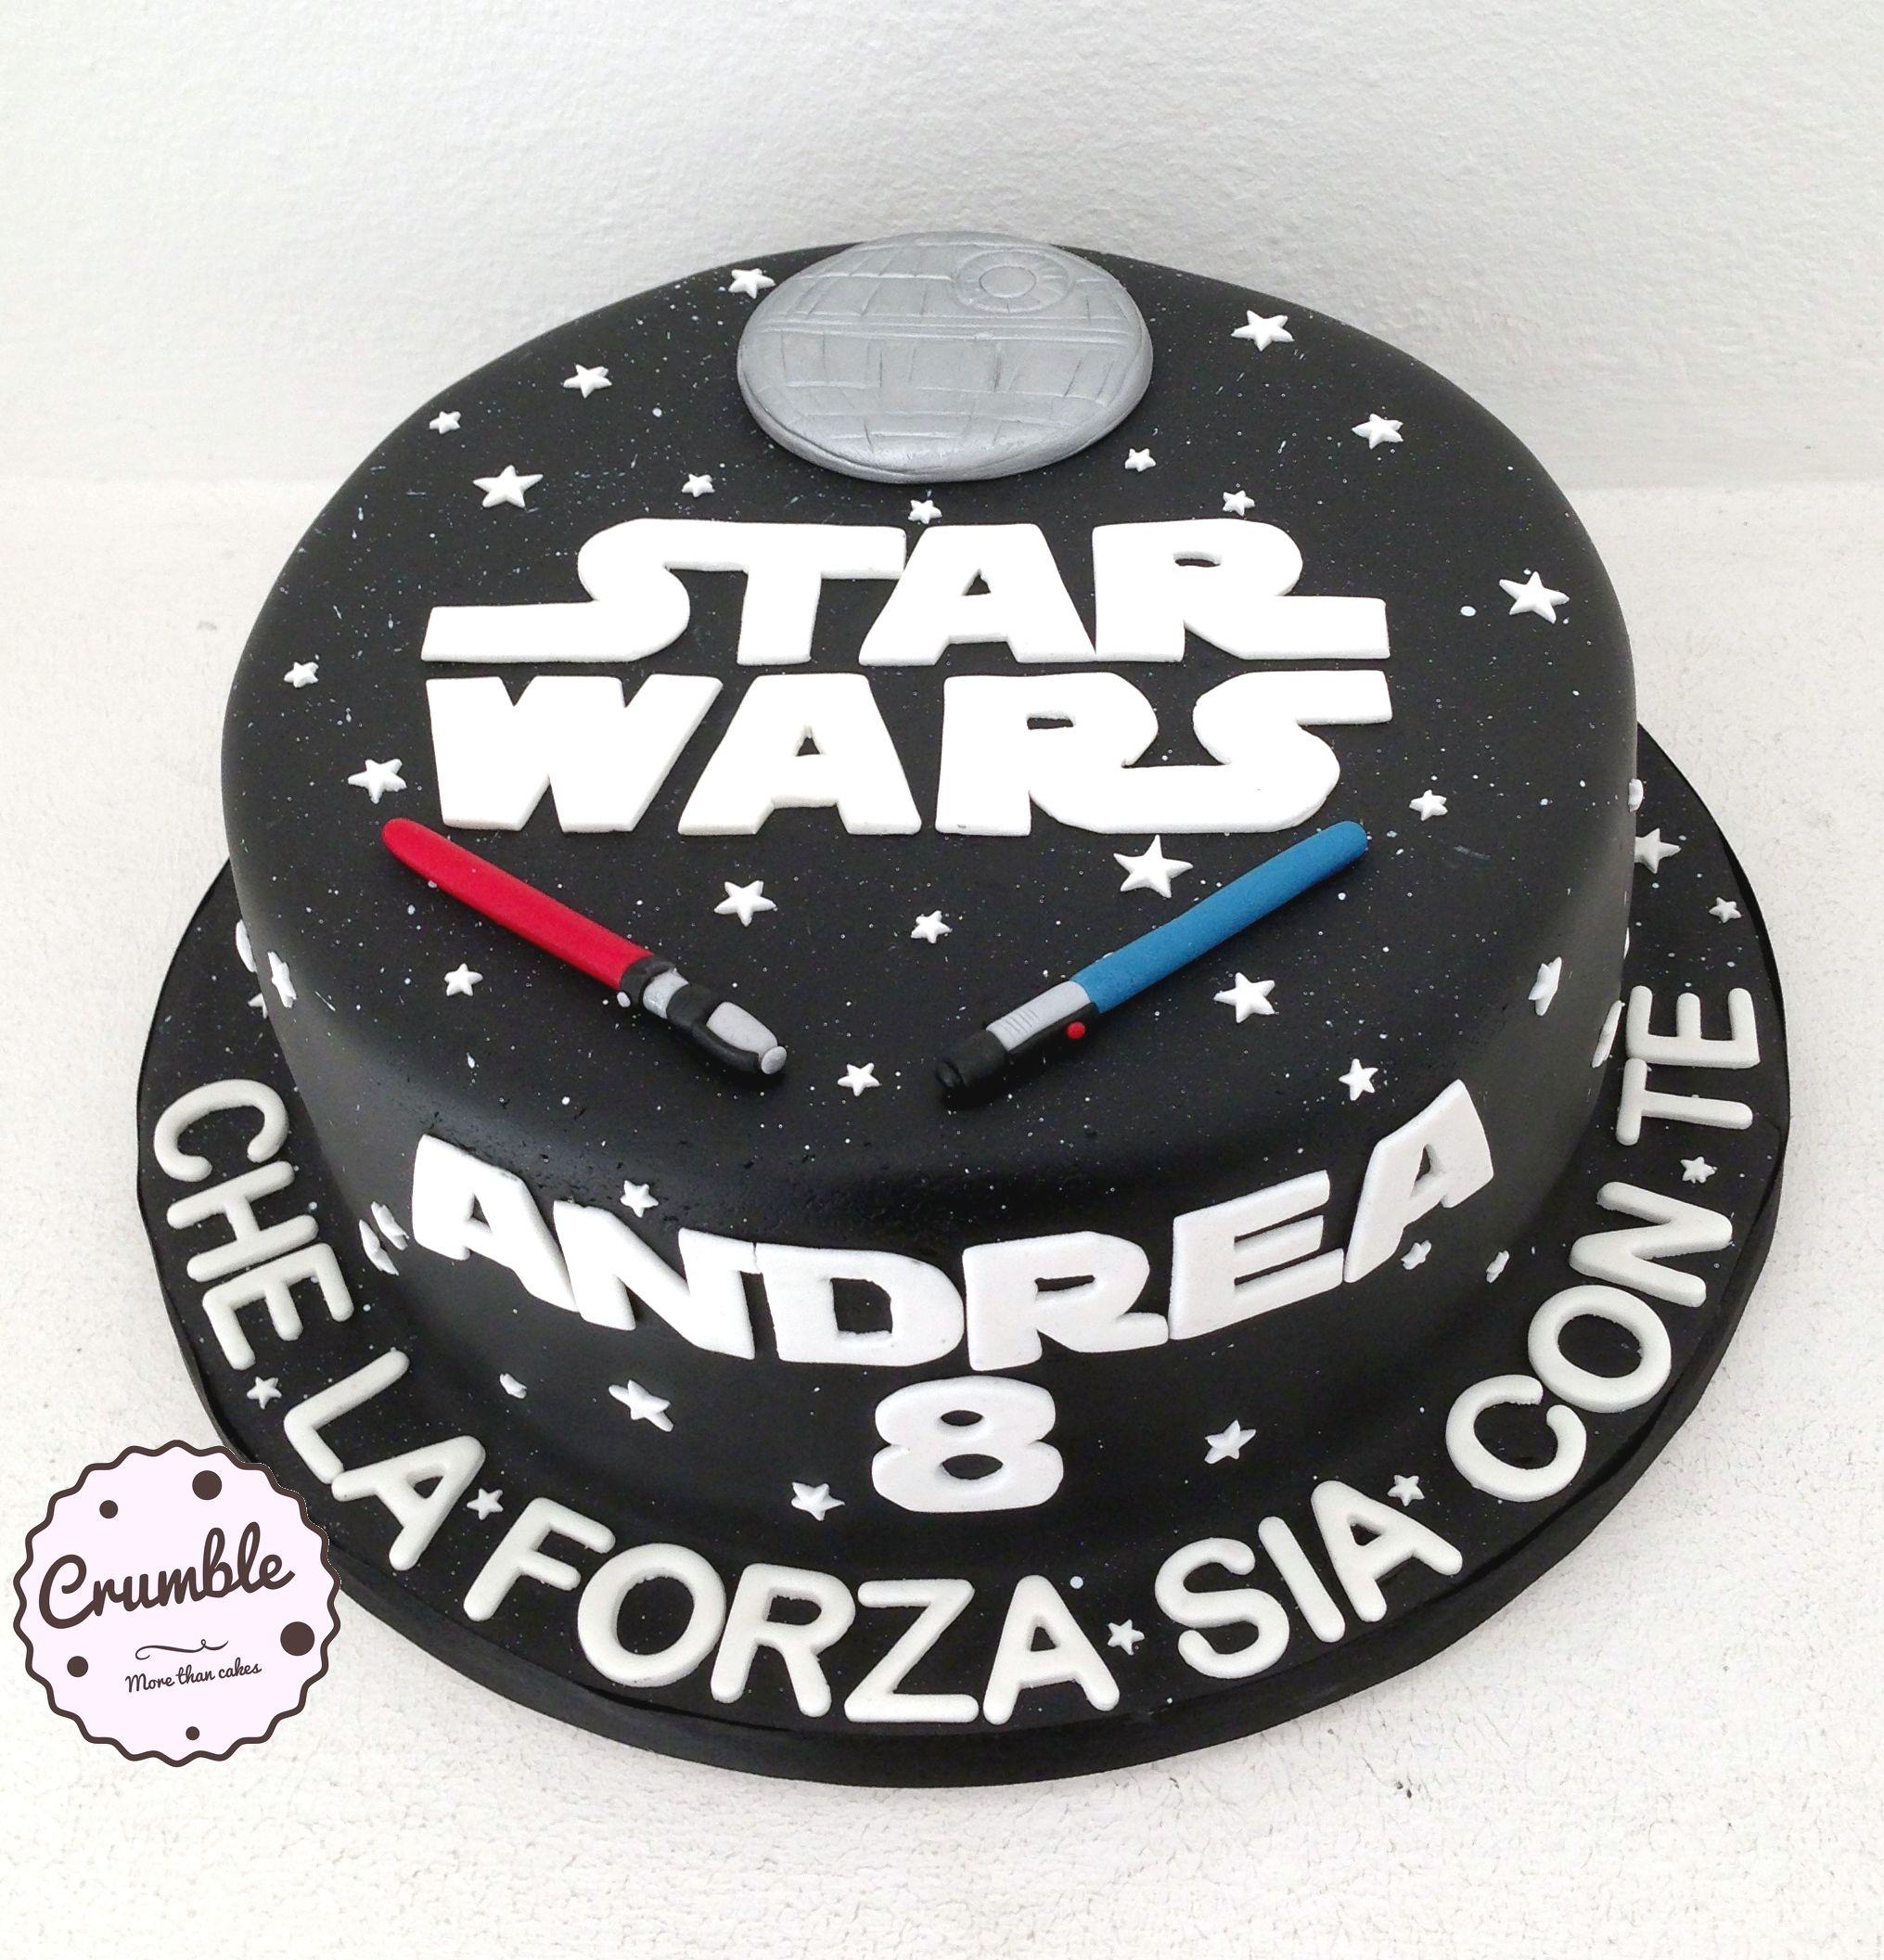 Torta Star Wars Per Andrea Starwars Compleanno Cakedesign